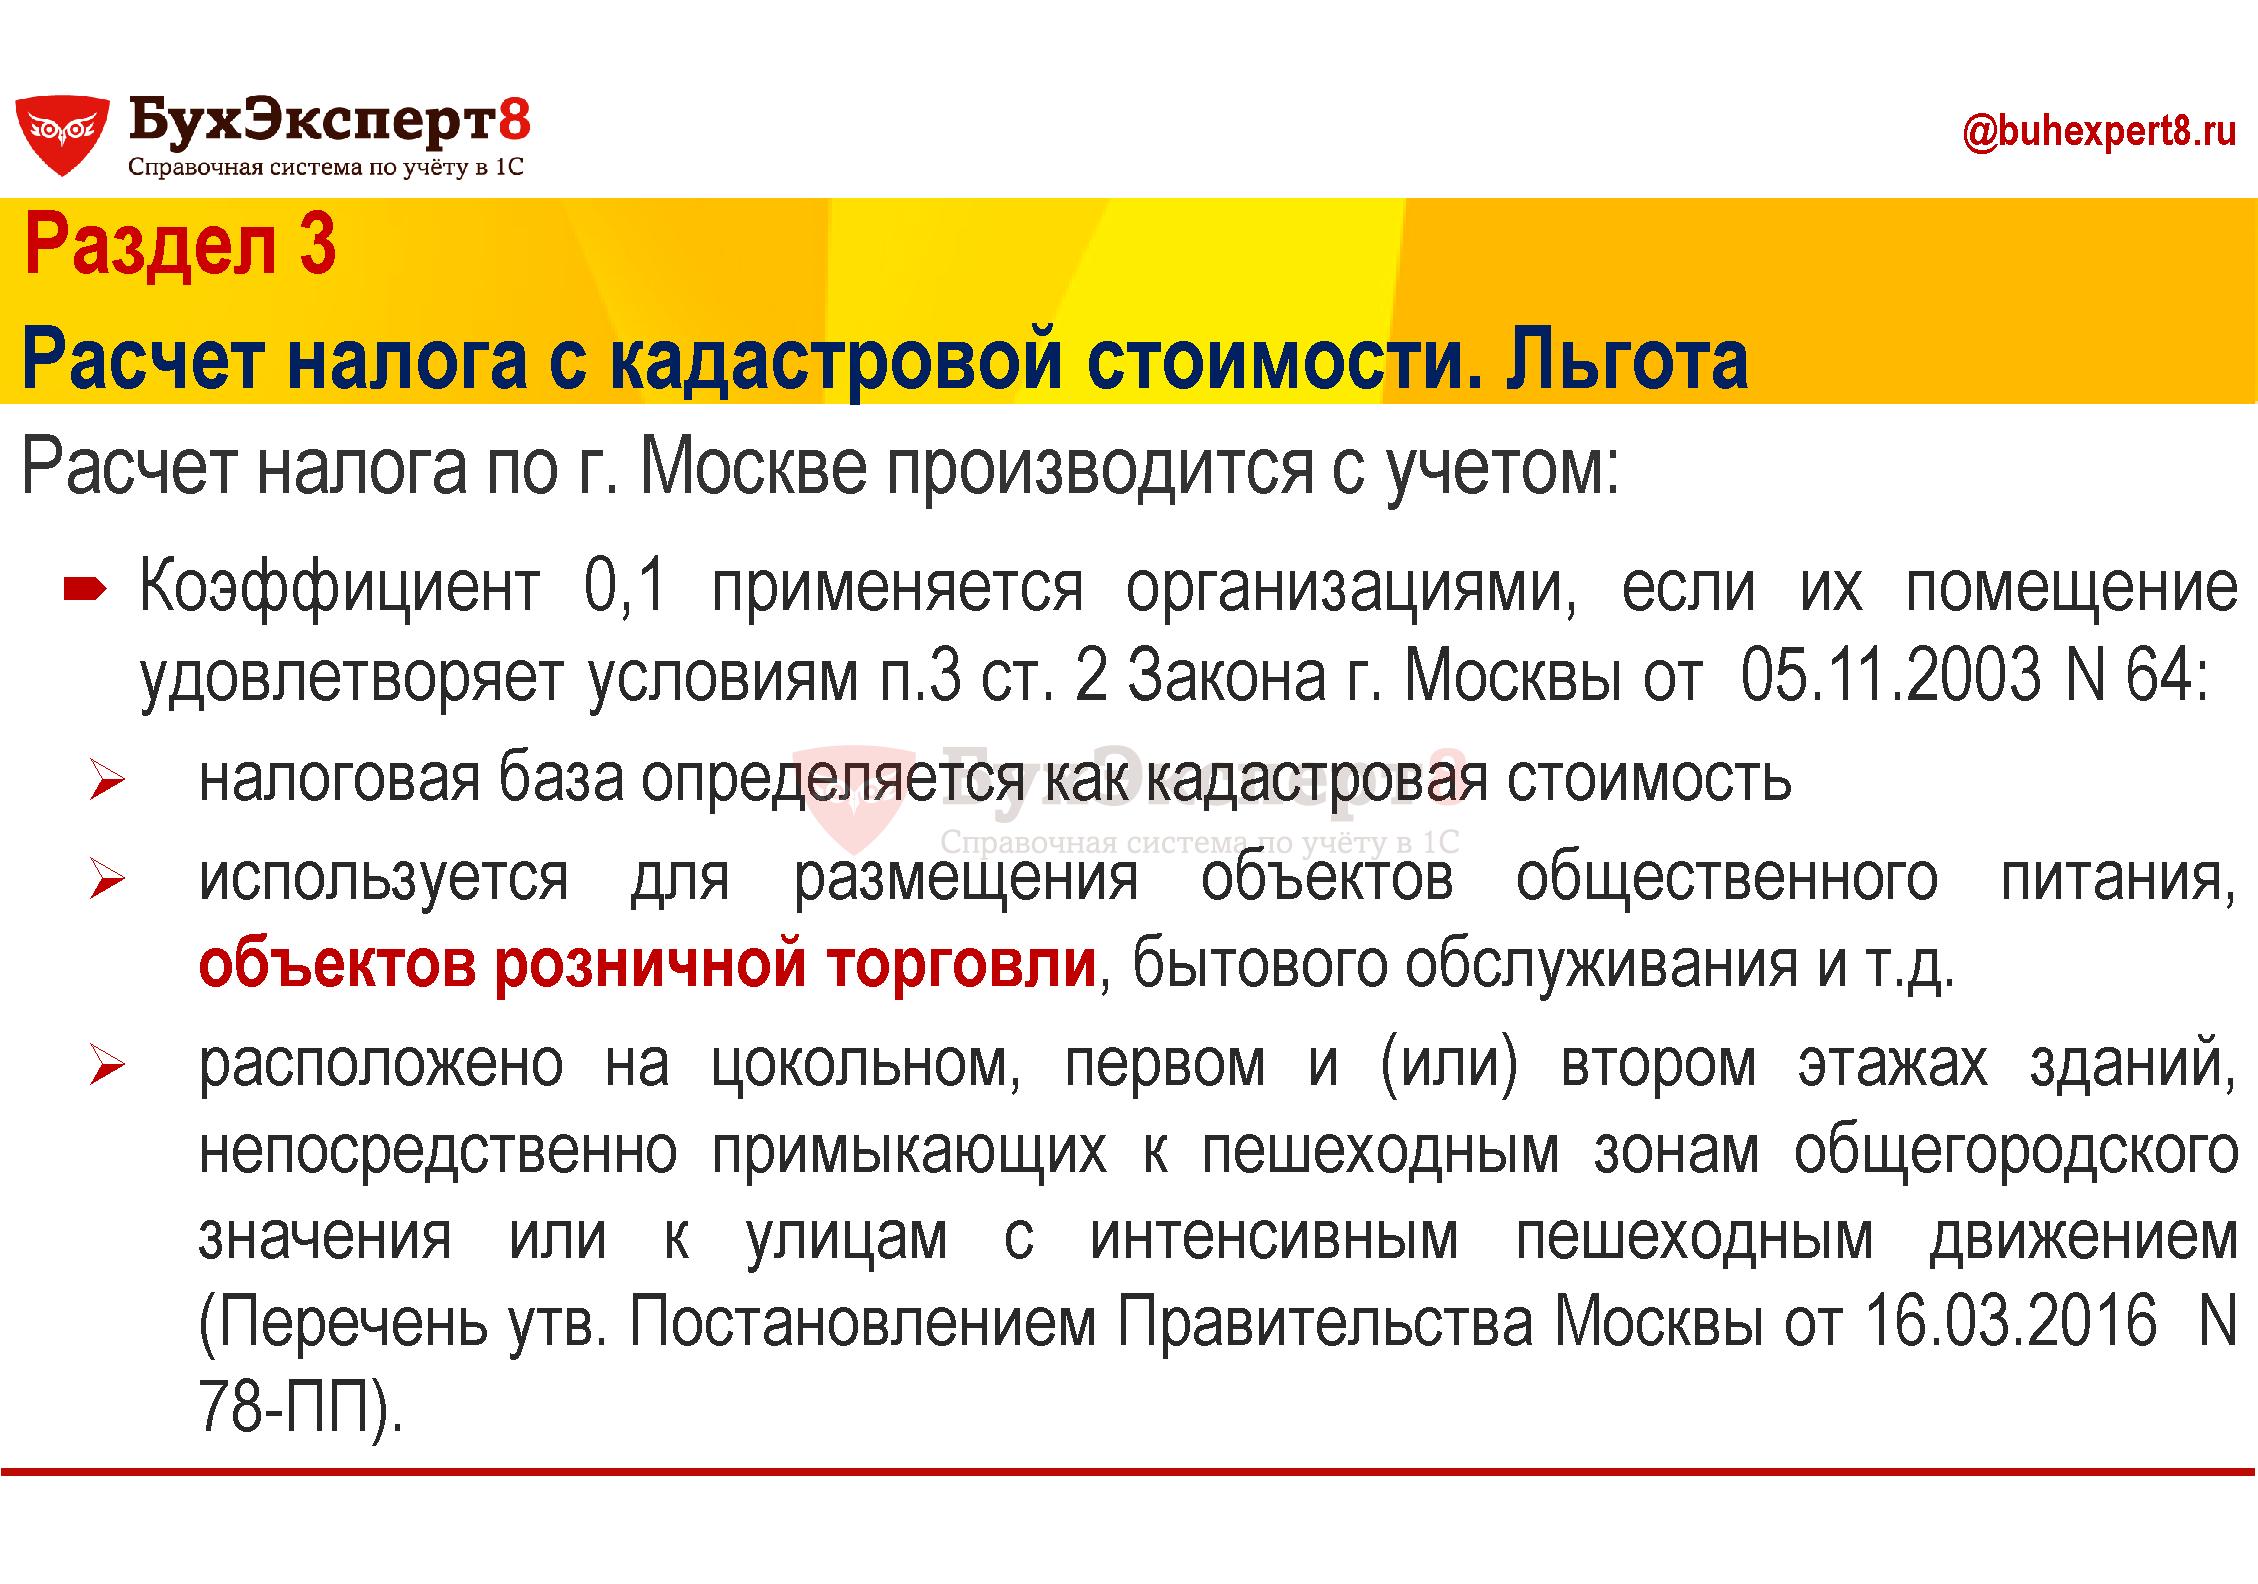 Раздел 3 Расчет по кадастровой стоимости. Льгота Расчет налога по г. Москве производится с учетом: Коэффициент 0,1 применяется организациями, если их помещение удовлетворяет условиям п.3 ст. 2 Закона г. Москвы от 05.11.2003 N 64: налоговая база определяется как кадастровая стоимость используется для размещения объектов общественного питания, объектов розничной торговли, бытового обслуживания и т.д. расположено на цокольном, первом и (или) втором этажах зданий, непосредственно примыкающих к пешеходным зонам общегородского значения или к улицам с интенсивным пешеходным движением (Перечень утв. Постановлением Правительства Москвы от 16.03.2016 N 78-ПП).